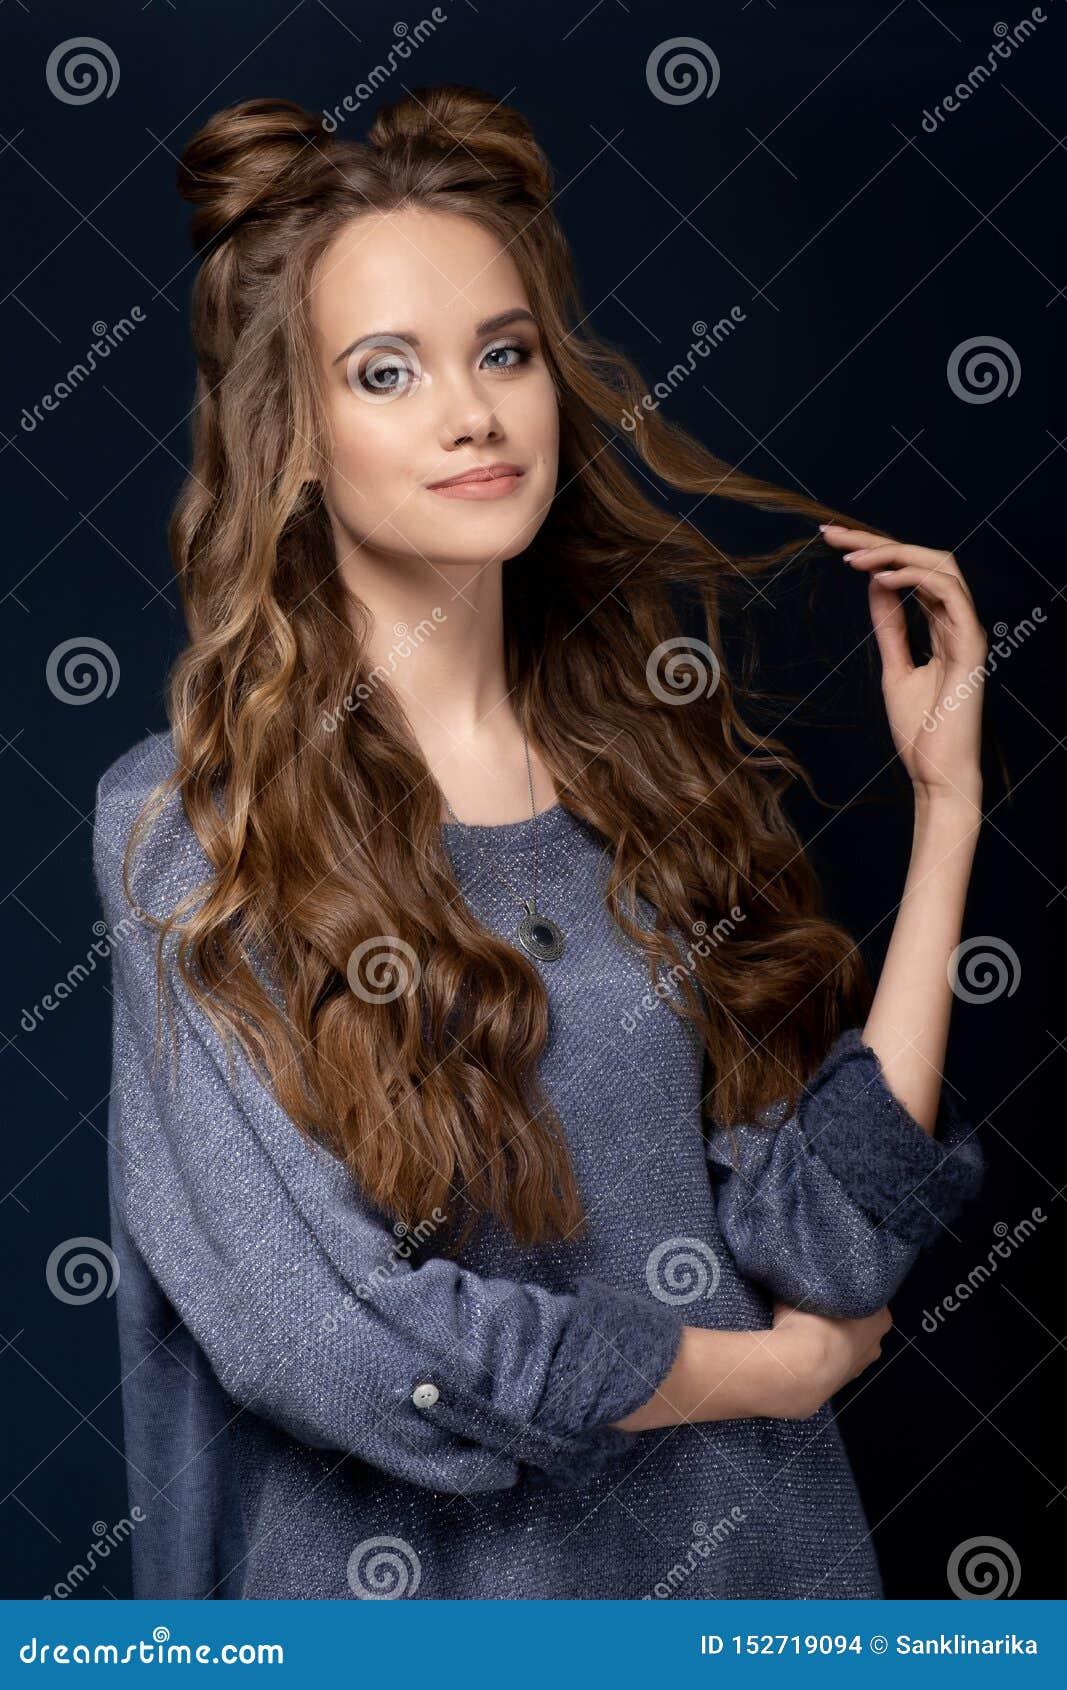 Ένα χαριτωμένο νέο κορίτσι σε ένα μπλε πλεκτό φόρεμα σε ένα μπλε υπόβαθρο με ένα κούρεμα και σγουρό έναν μακρυμάλλη